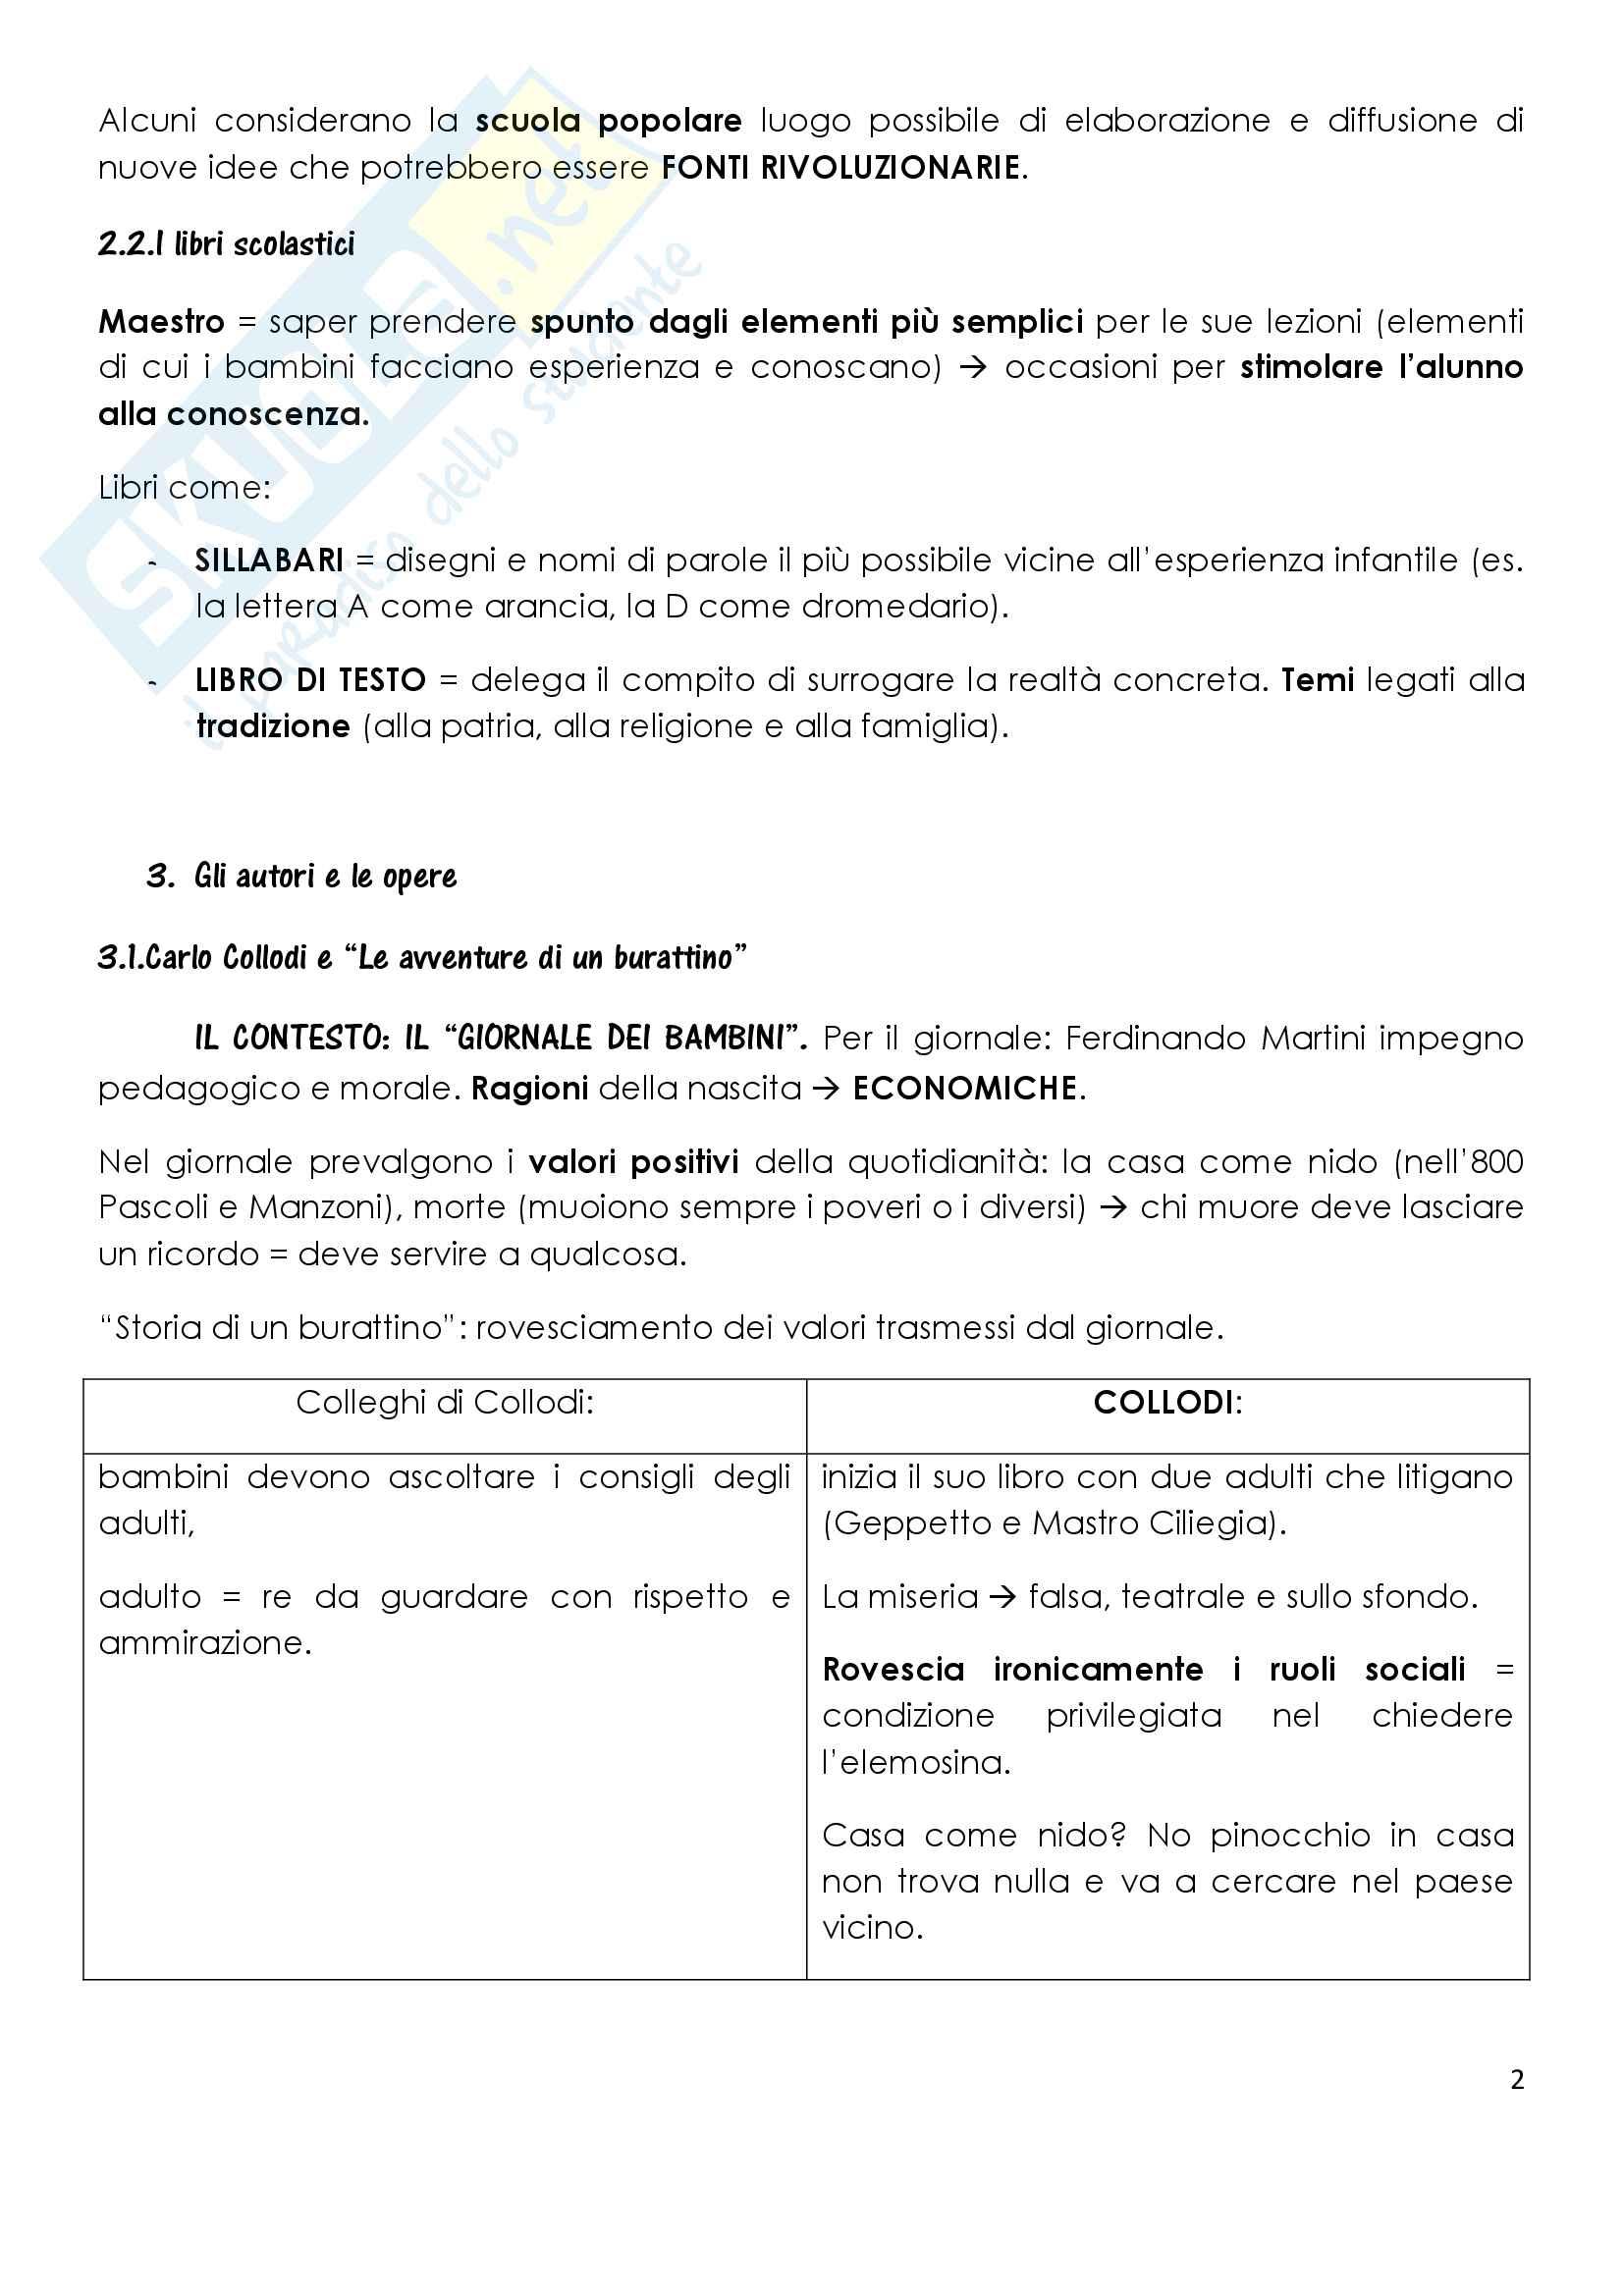 Sunto di letteratura per l'infanzia, docente Elena Surdi, libro consigliato La letteratura per l'infanzia, P. Boero, C.De Luca Pag. 2